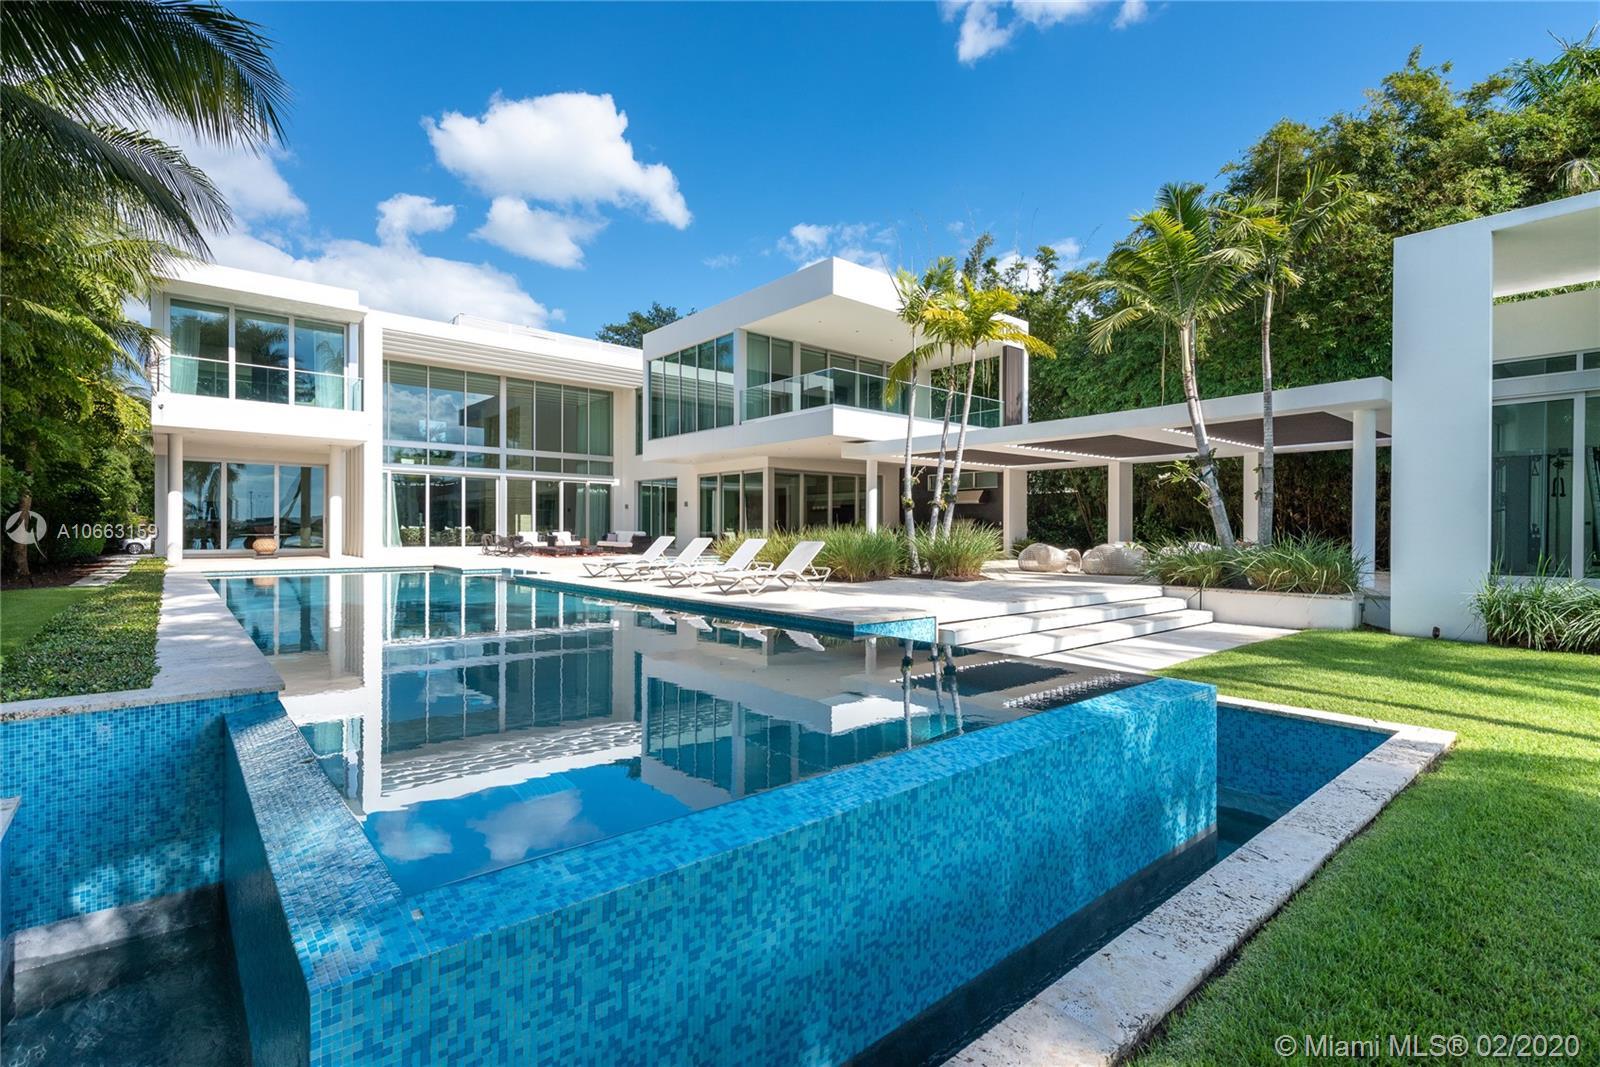 30 PALM AV, Miami Beach FL 33139